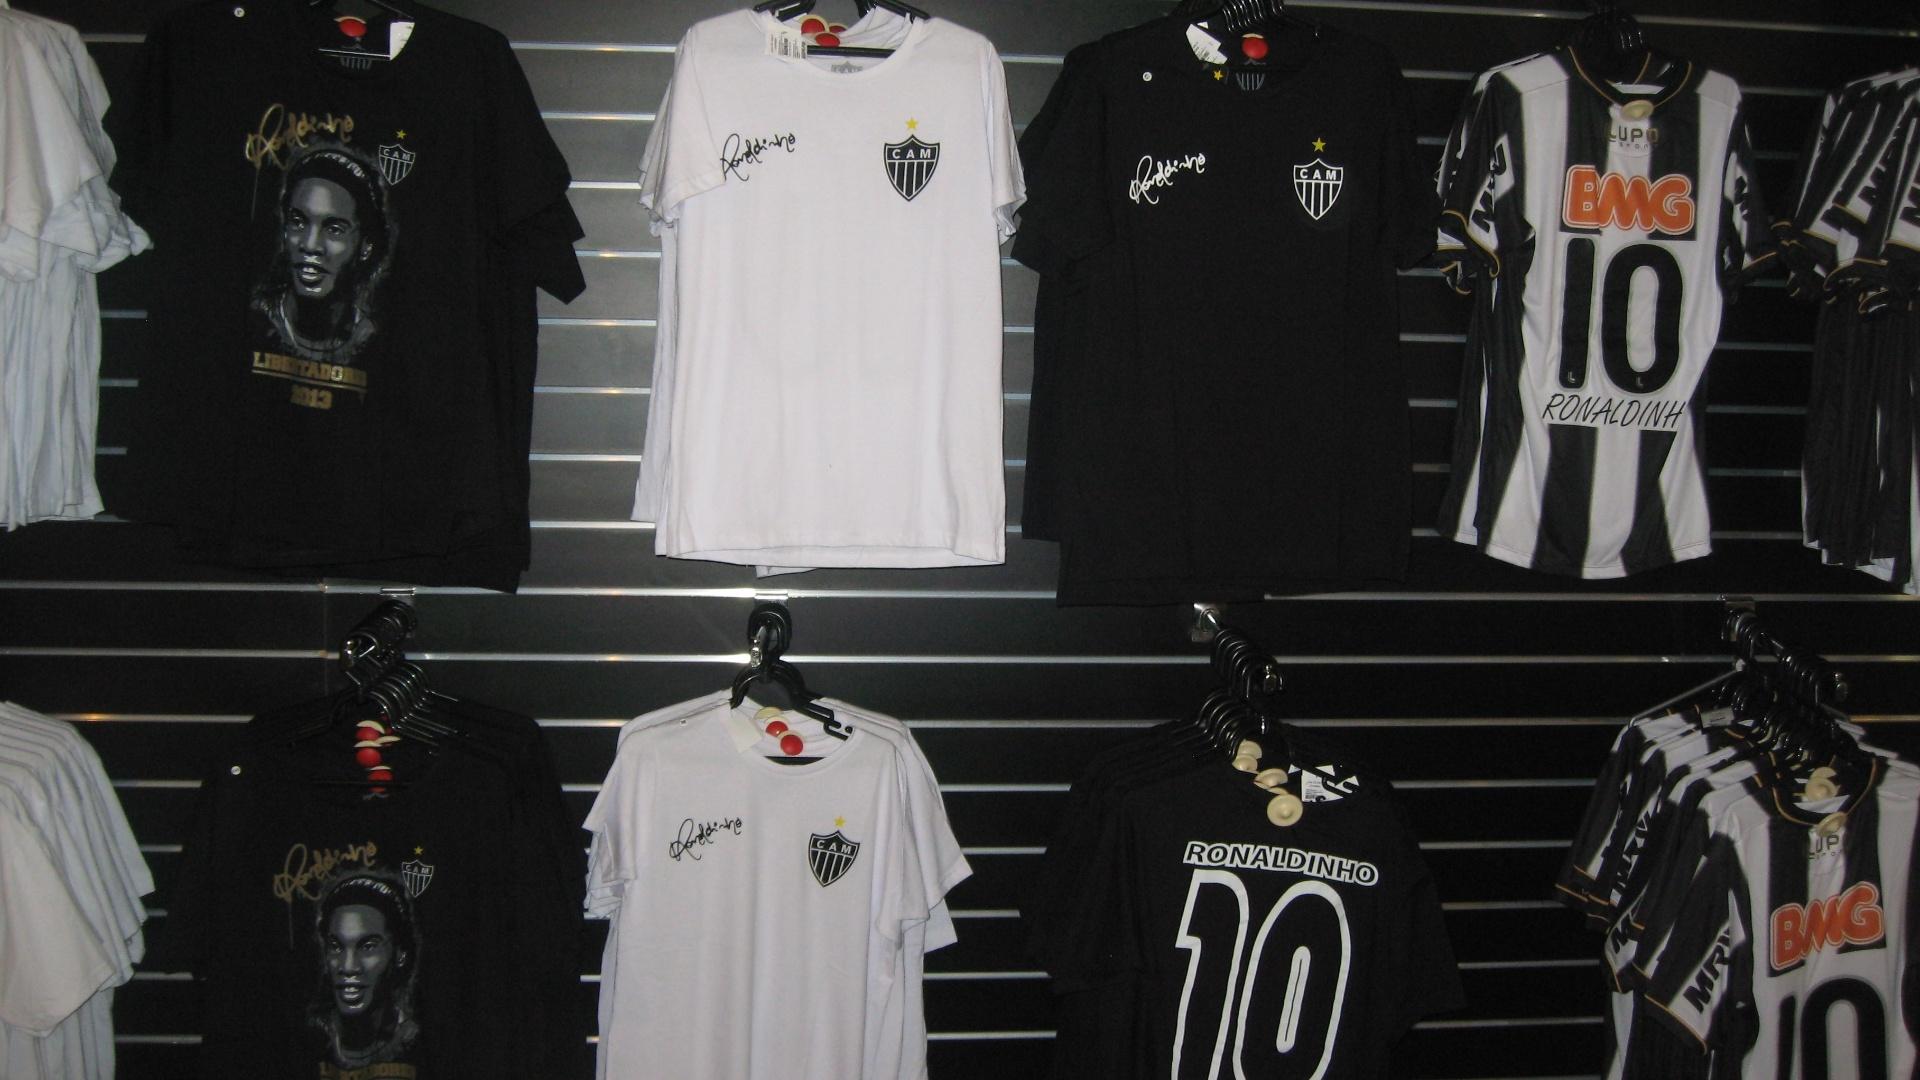 Produtos com a marca de Ronaldinho Gaúcho foram lançados na Loja do Galo